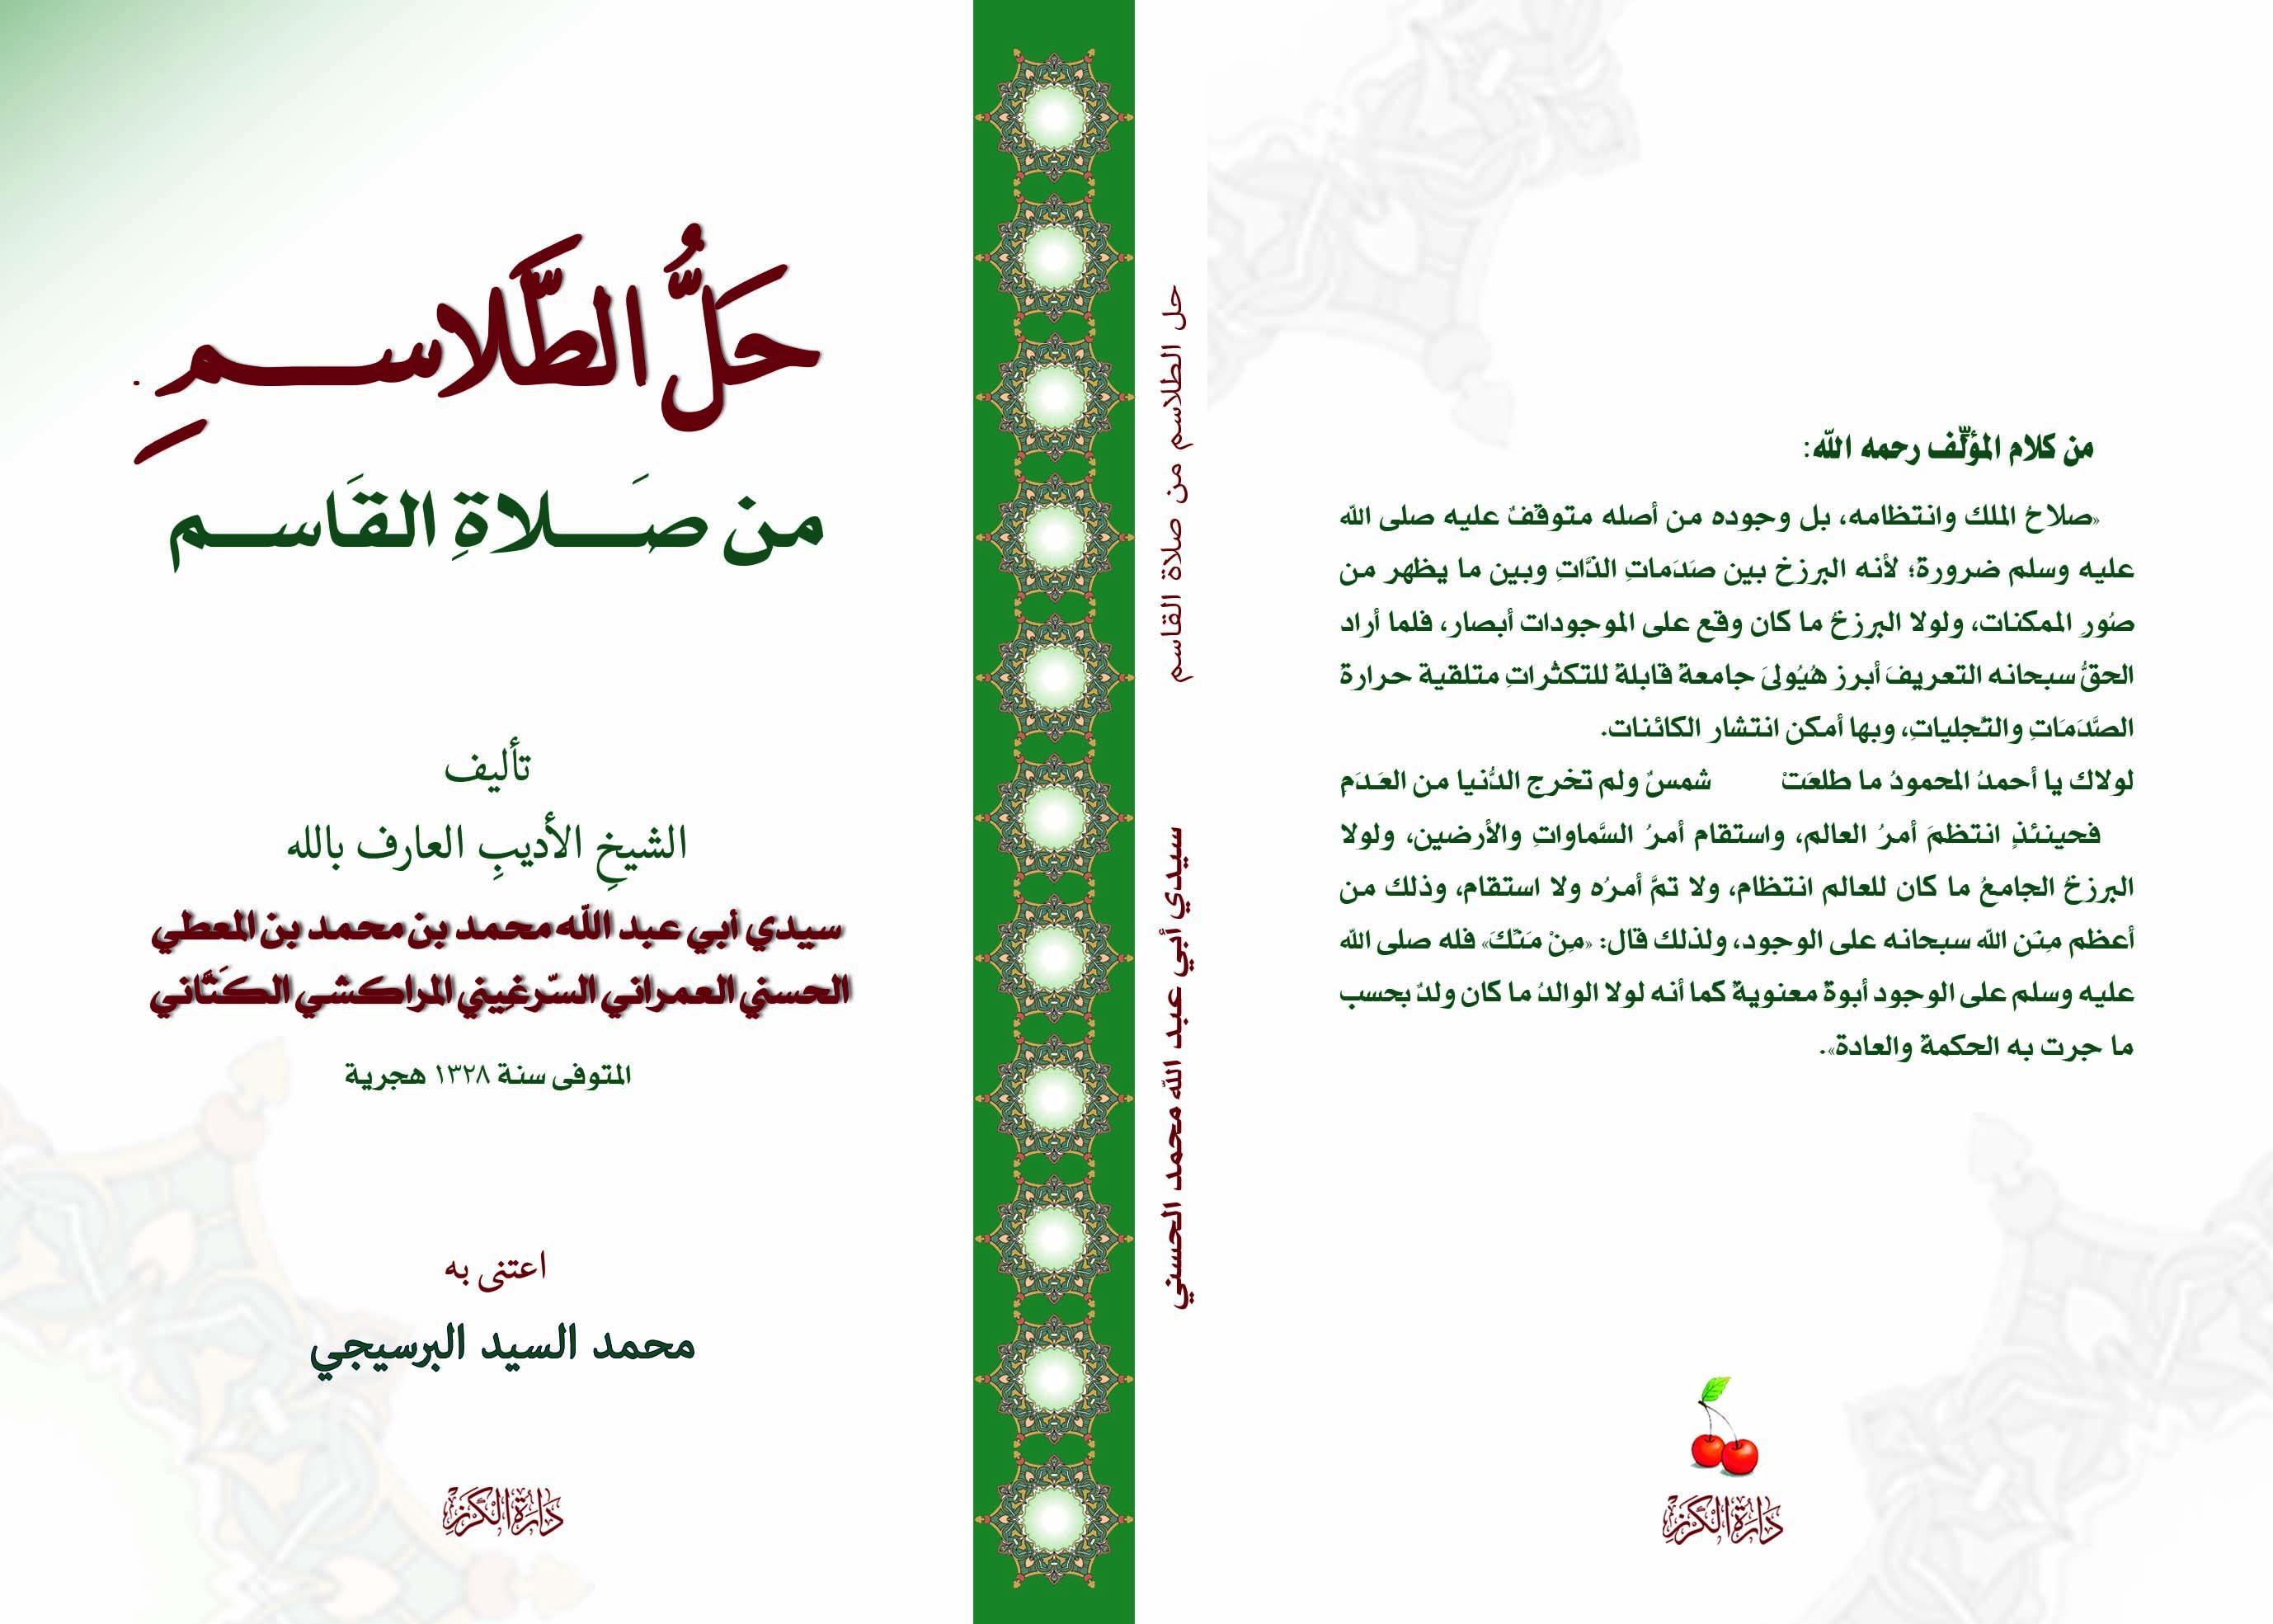 صدور كتاب حل الطلاسم من صلاة القاسم للسيد الأديب العلامة محمد العمراني الحسني  894759767